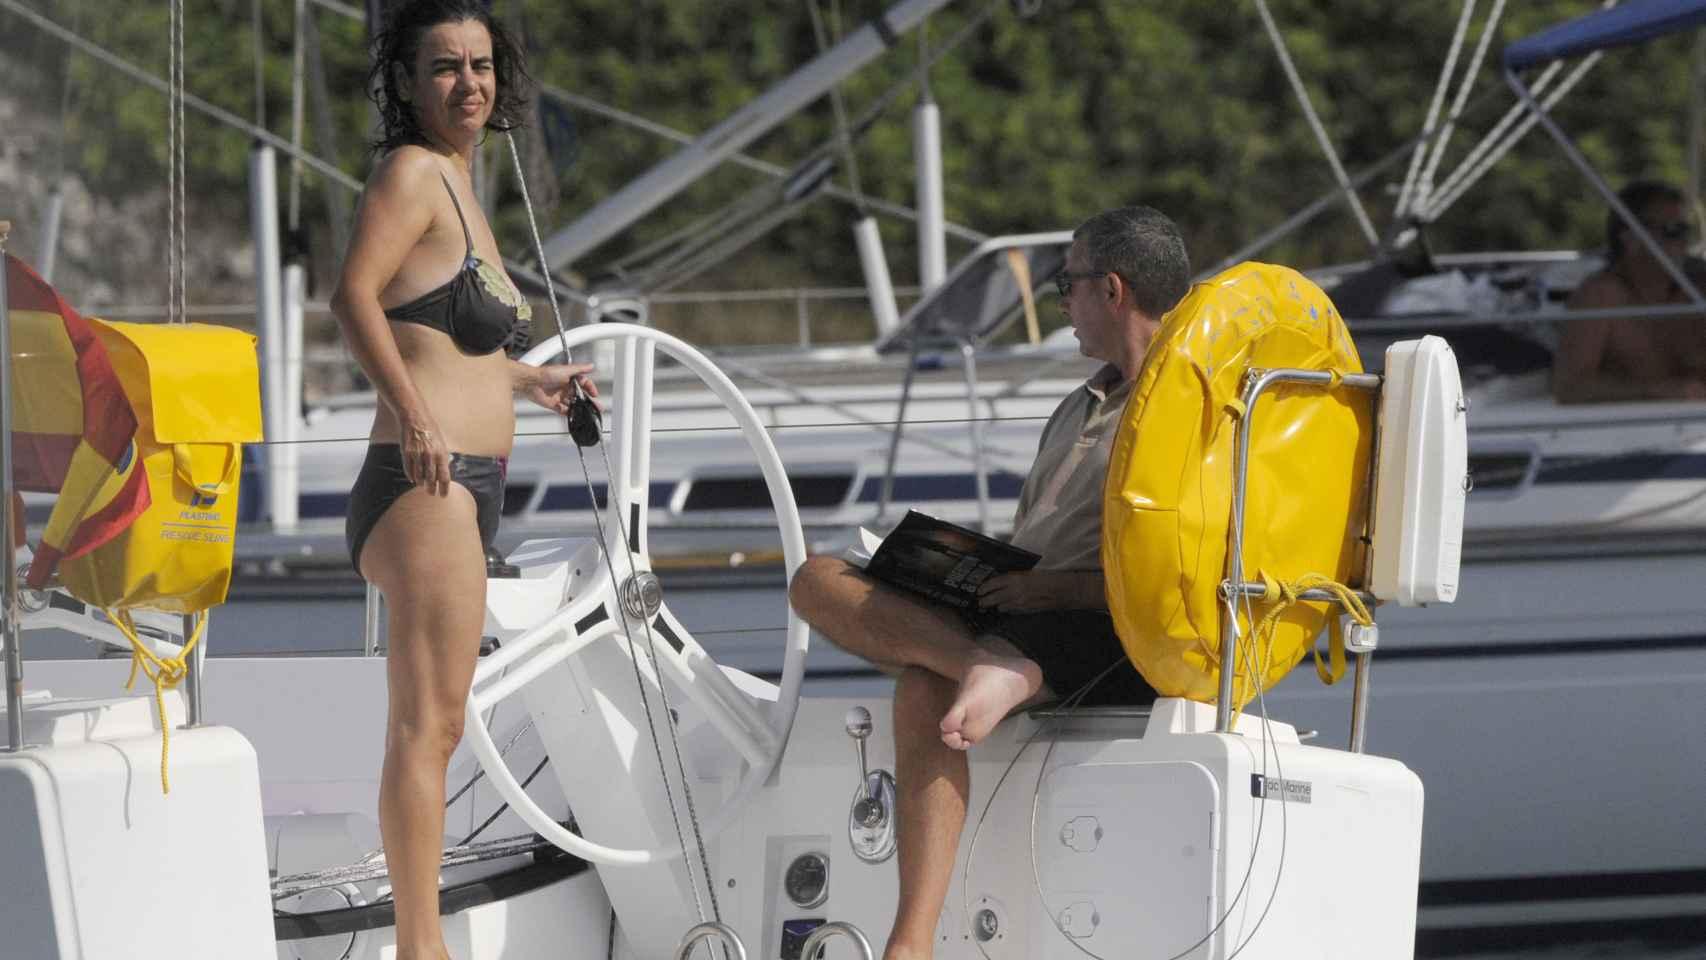 El matrimonio Torres -Tejeiro durante unas vacaciones en Menorca en 2012